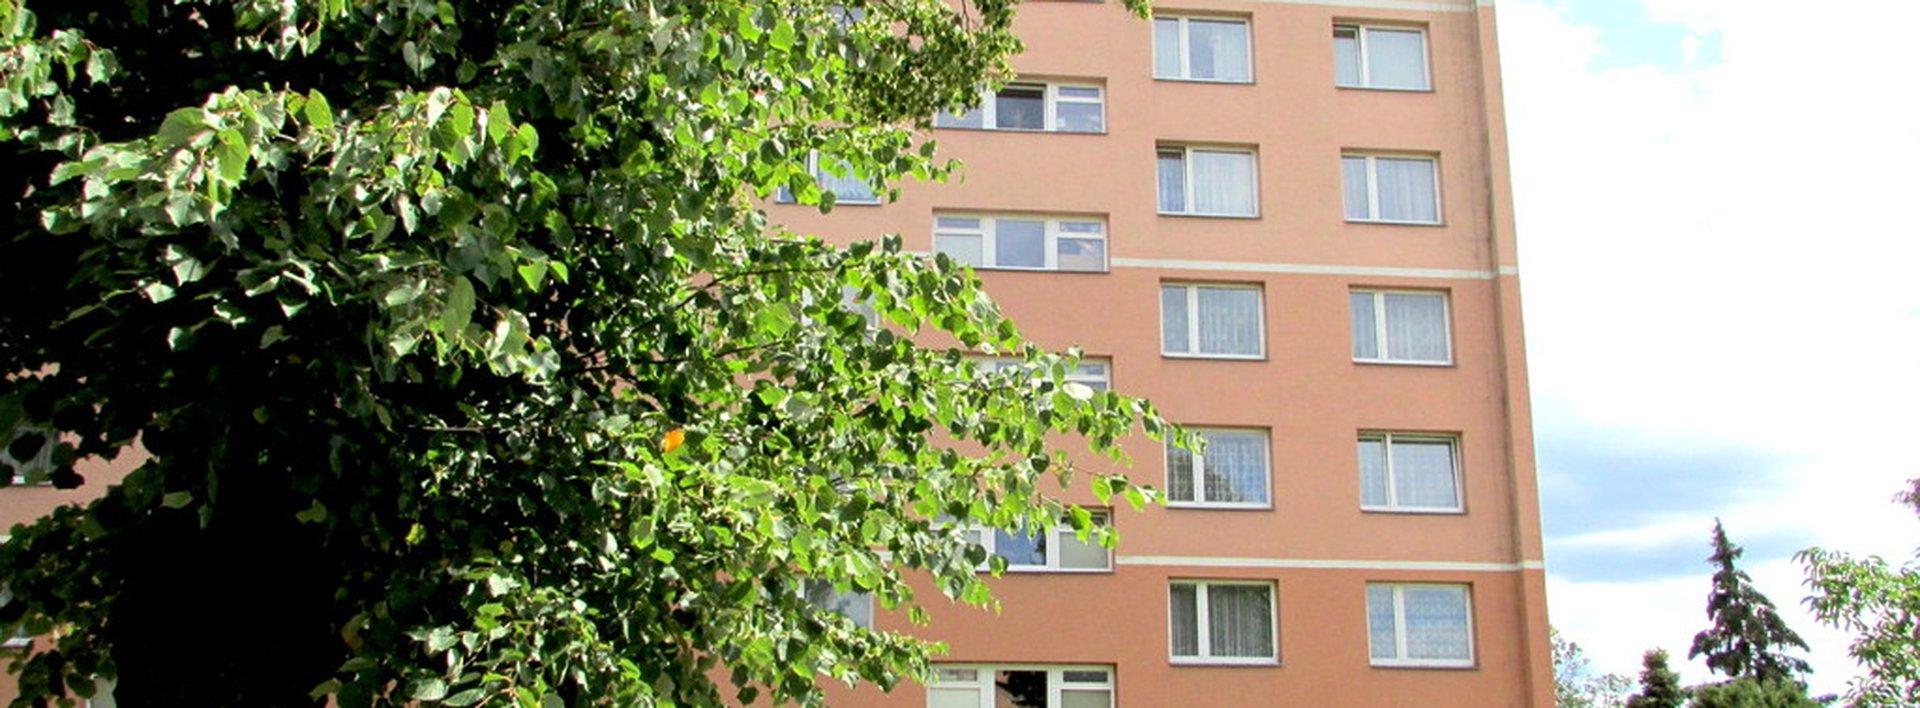 Prodej slunného bytu 2+KK, 36m² v Novém Boru, ul. Boženy Němcové, Ev.č.: N47360